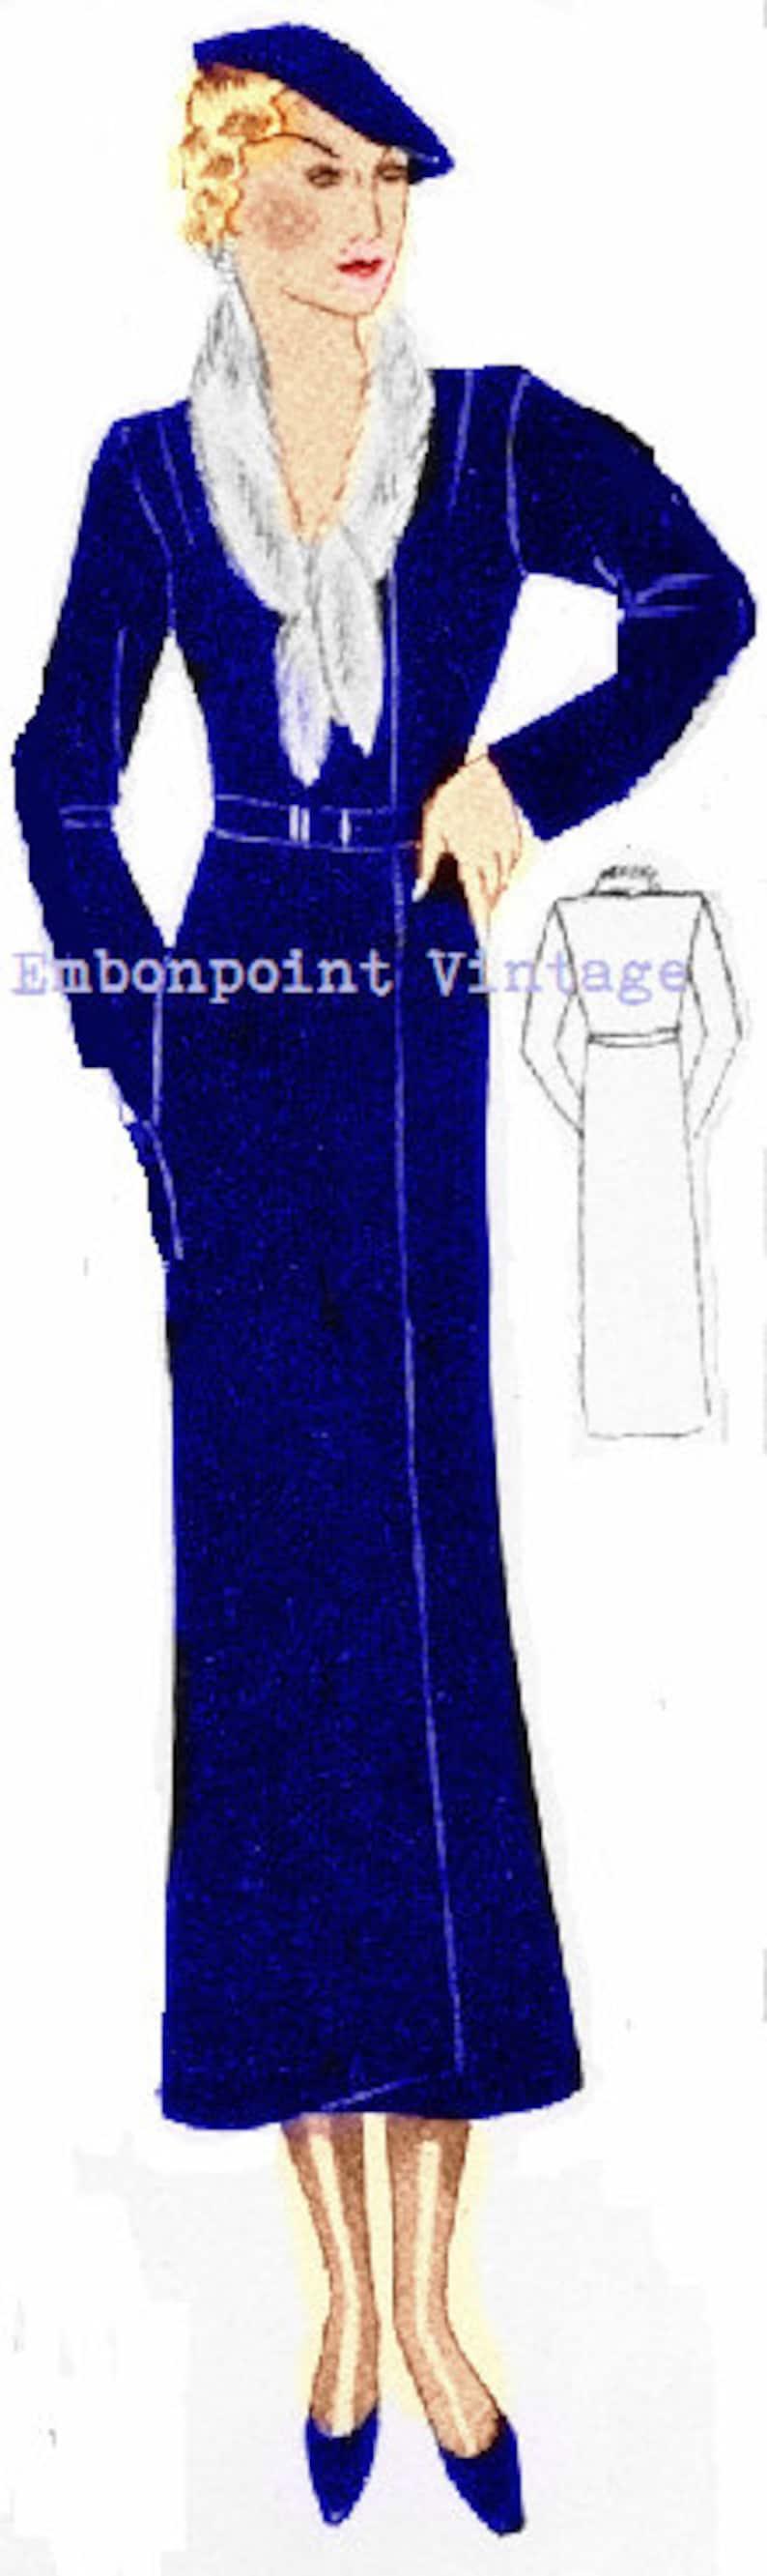 1930s Vintage Dresses, Clothing & Patterns Links Plus Size (or any size) 1934 Vintage Coat Sewing Pattern - PDF - Pattern No 69 Olive 1930s 30s Instant Download $9.34 AT vintagedancer.com